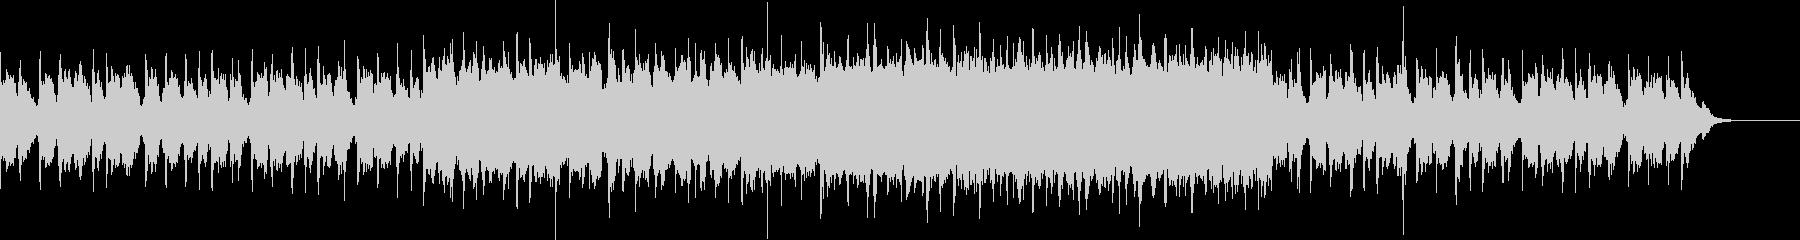 エレクトリックな音が重なり消えていく曲の未再生の波形